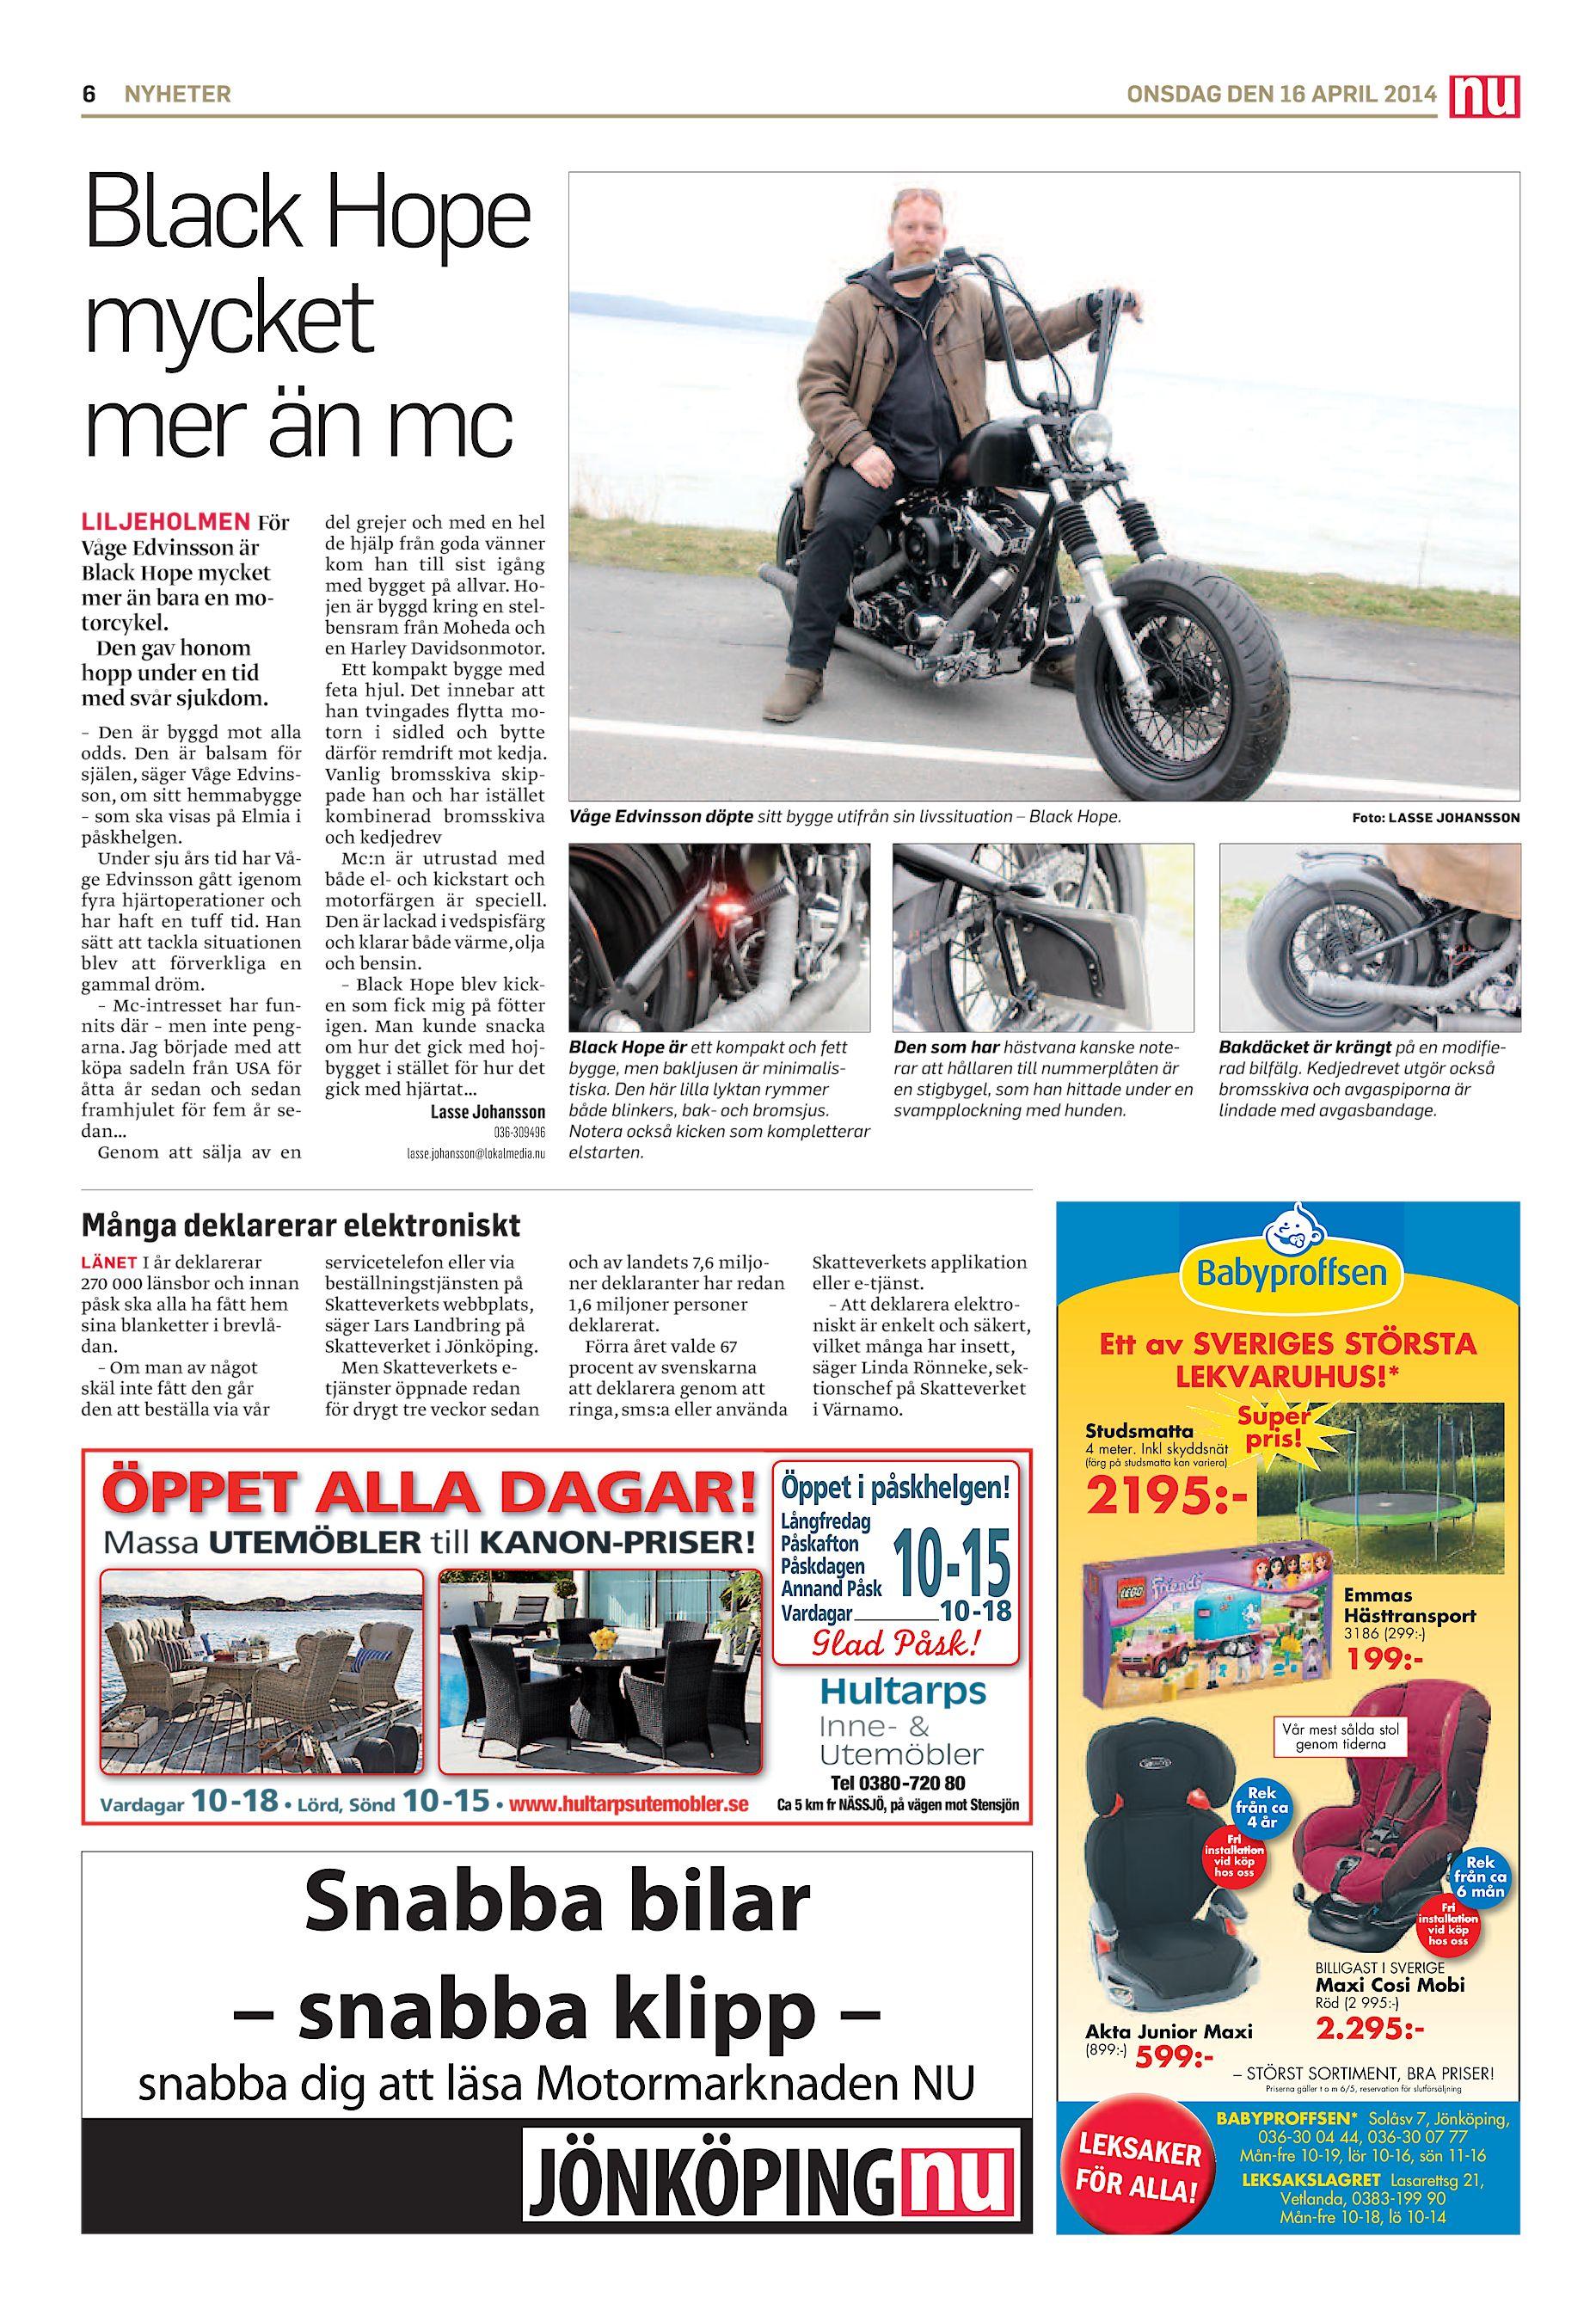 san francisco 1e396 3694d 6 NYHETER ONSDAG DEN 16 APRIL 2014 Black Hope mycket mer än mc LILJEHOLMEN  För Våge Edvinsson är Black Hope mycket mer än bara en motorcykel.